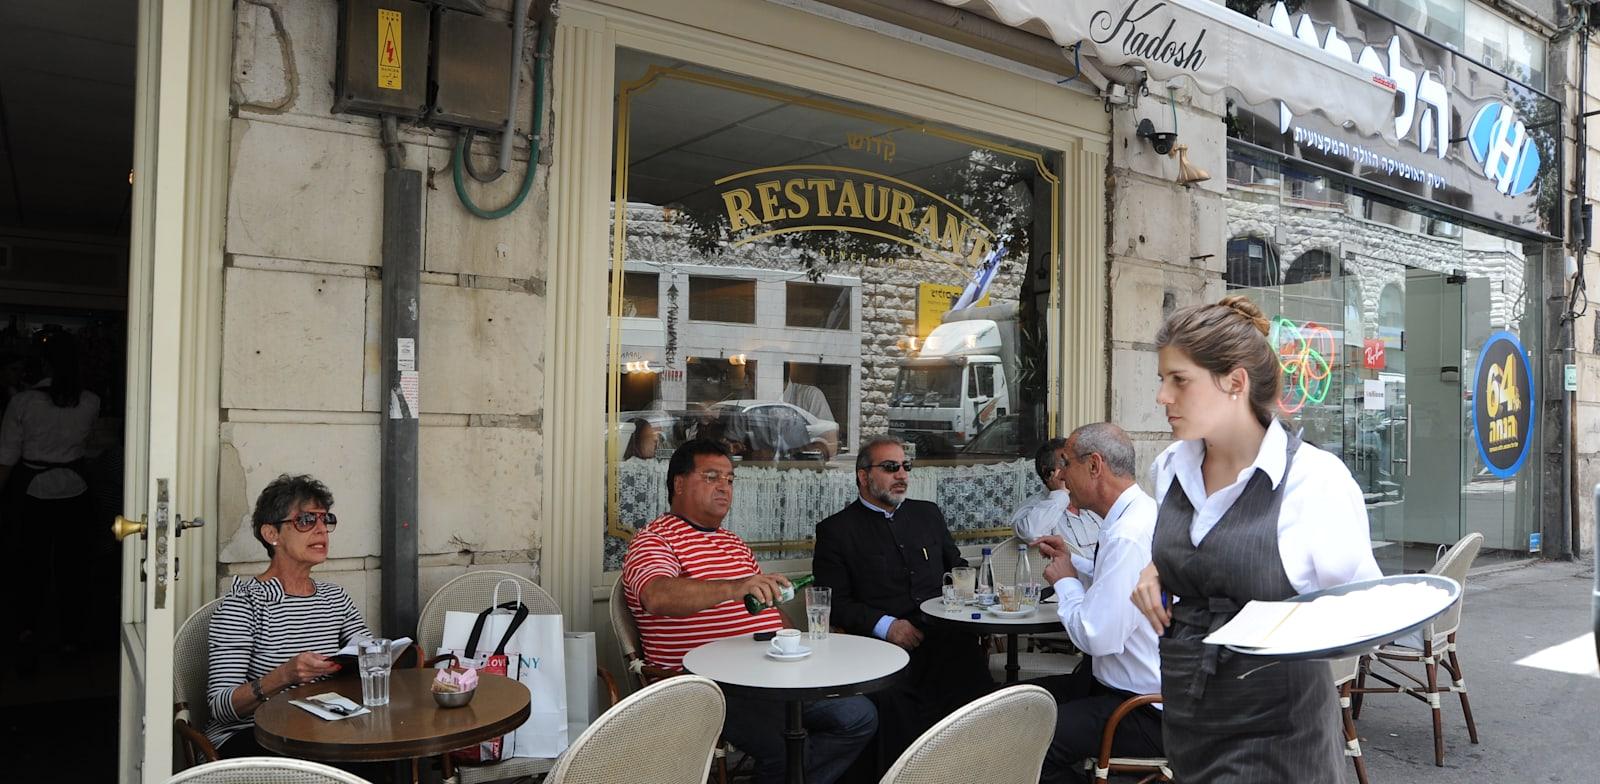 """בית קפה קדוש בירושלים. עבר למערך הכשרות של """"צהר"""" / צילום: איל יצהר"""